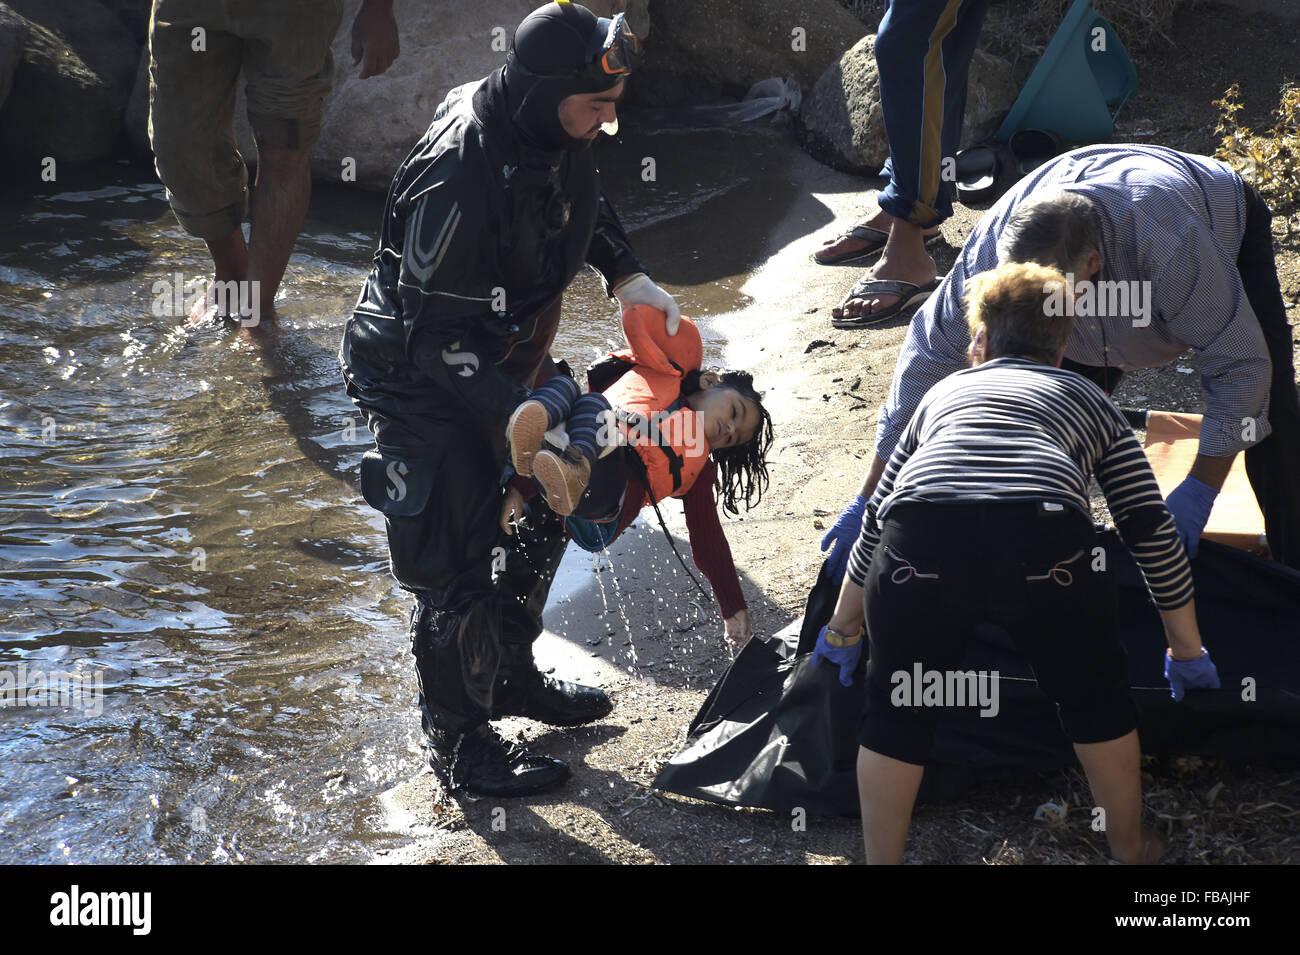 Lesbos Insel, Griechenland. 15. Oktober 2015. Ein tödlicher Unfall ...